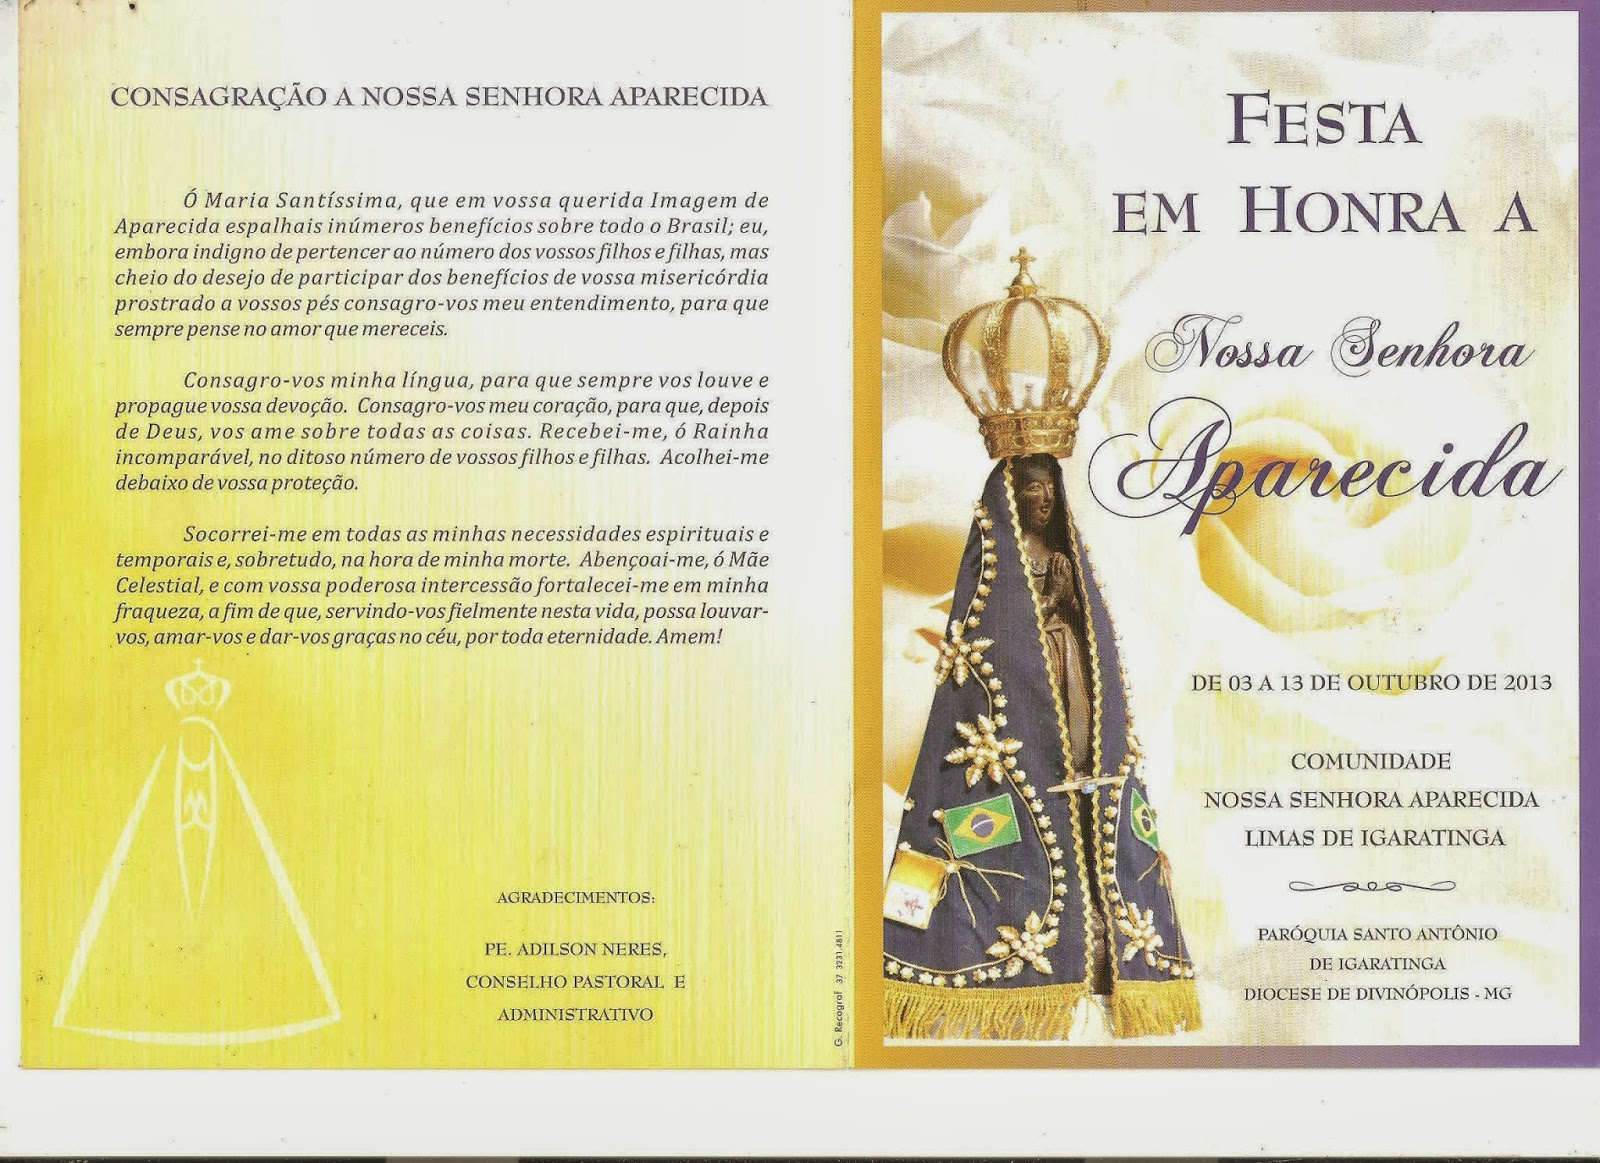 Festa De Nossa Senhora Aparecida: PARÓQUIA SANTO ANTÔNIO: FESTA DE NOSSA SENHORA APARECIDA